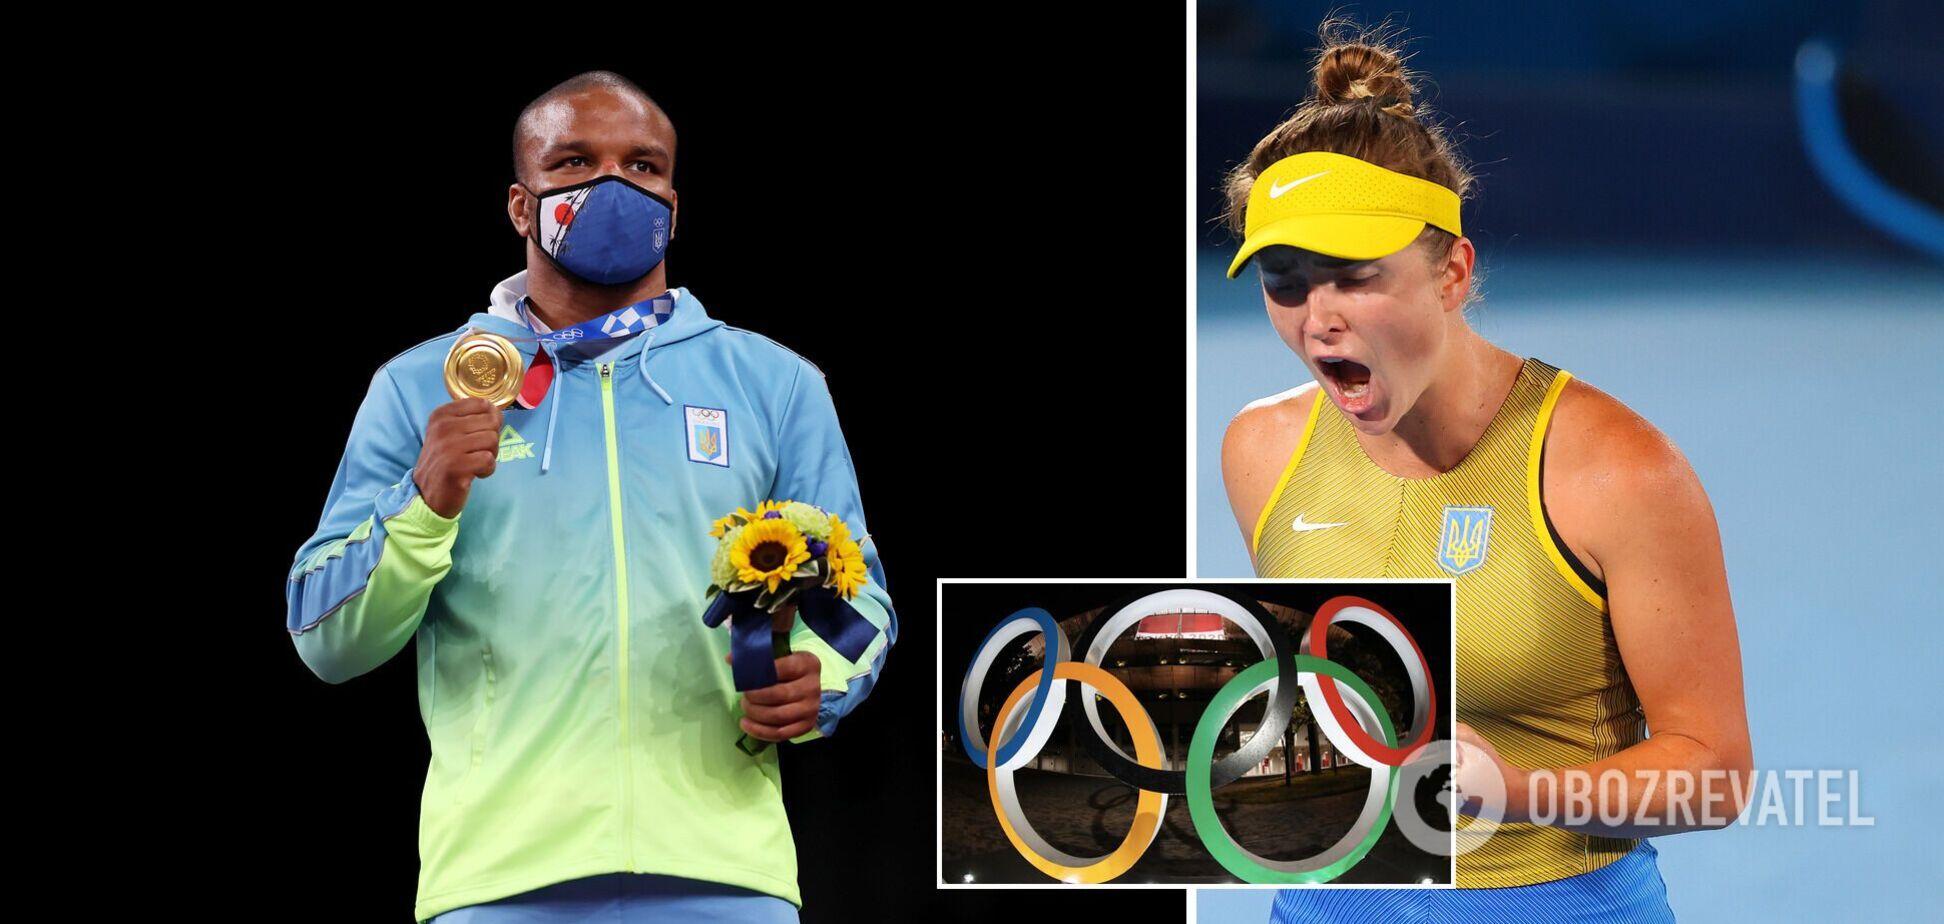 Падение Украины на Олимпиаде: в чем проблема и что делать дальше